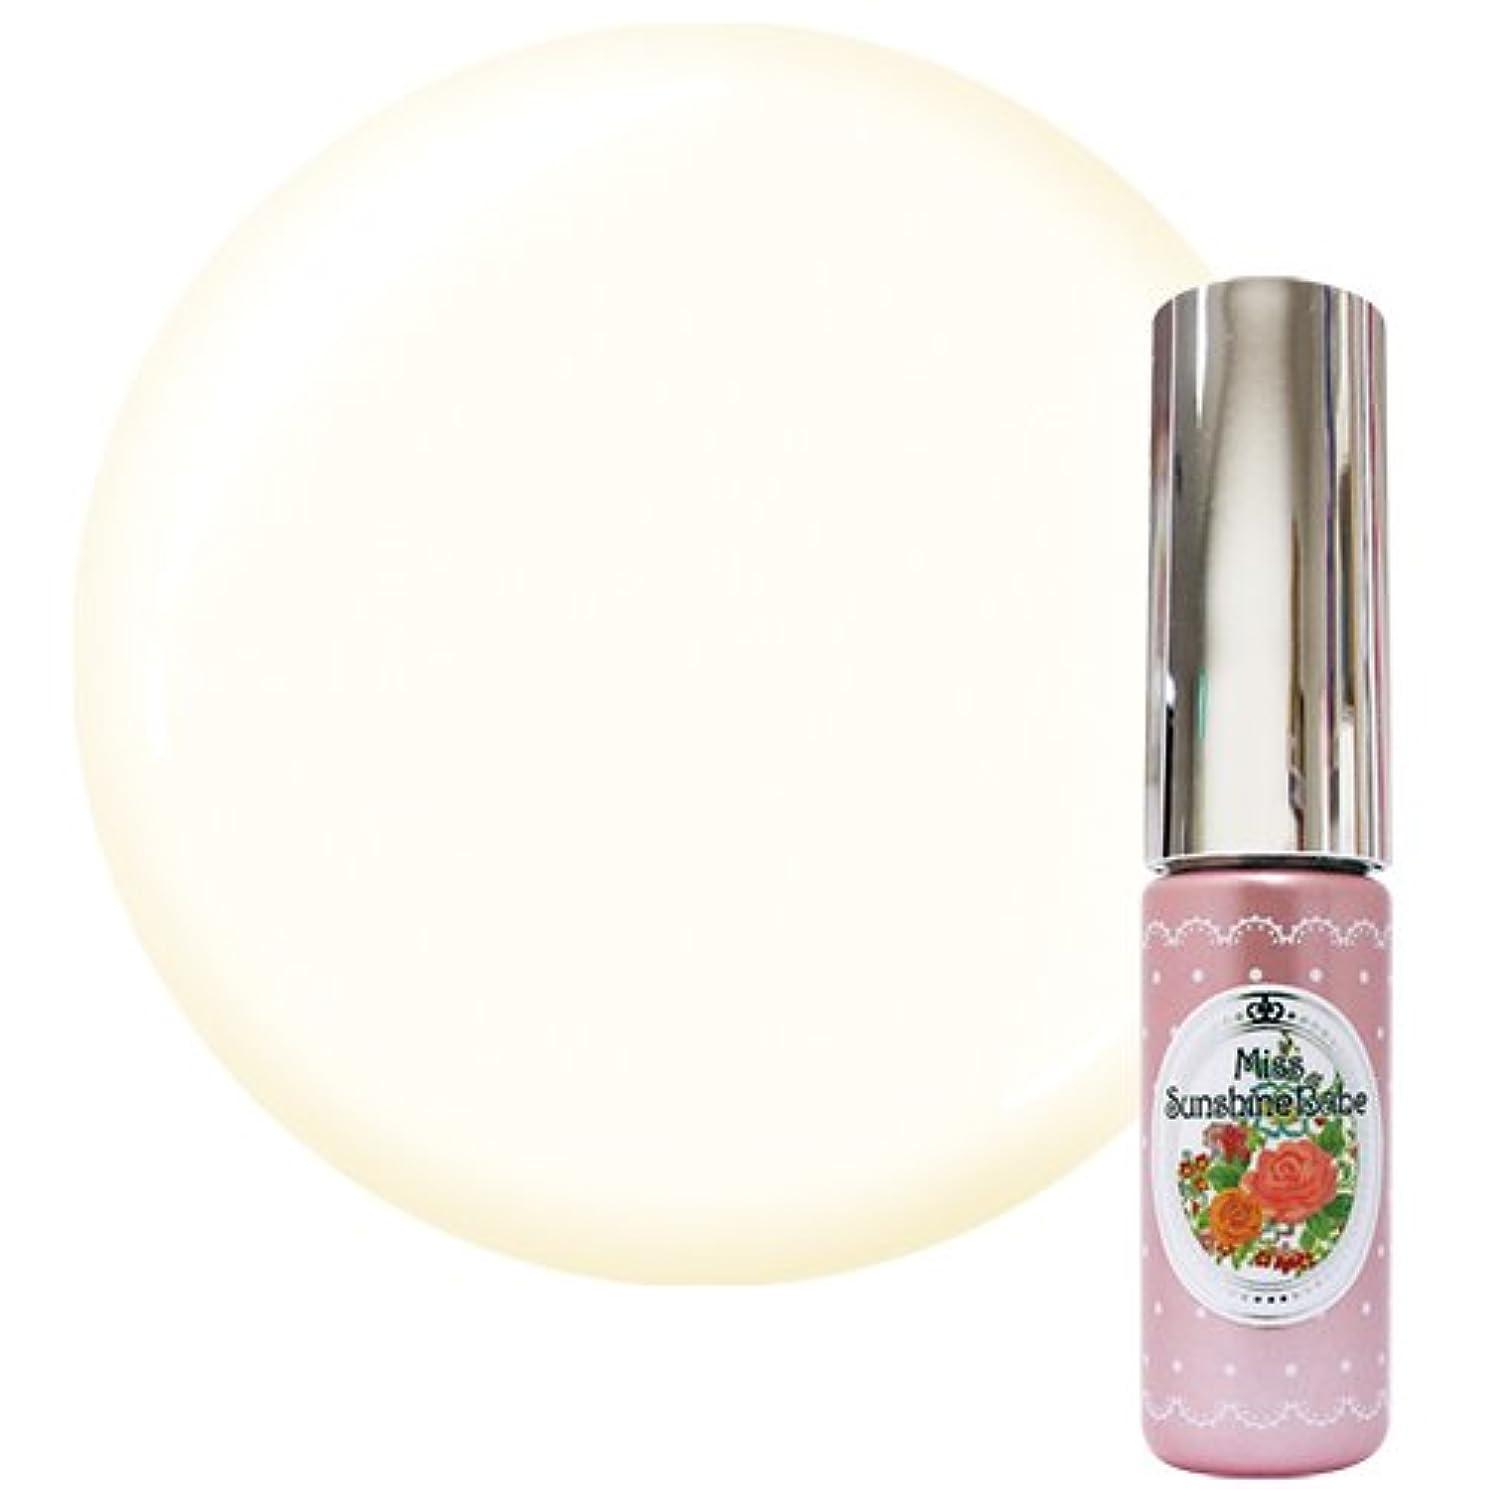 アリス清める乳Miss SunshineBabe ミス サンシャインベビー カラージェル MC-30 5g ココナッツティー UV/LED対応